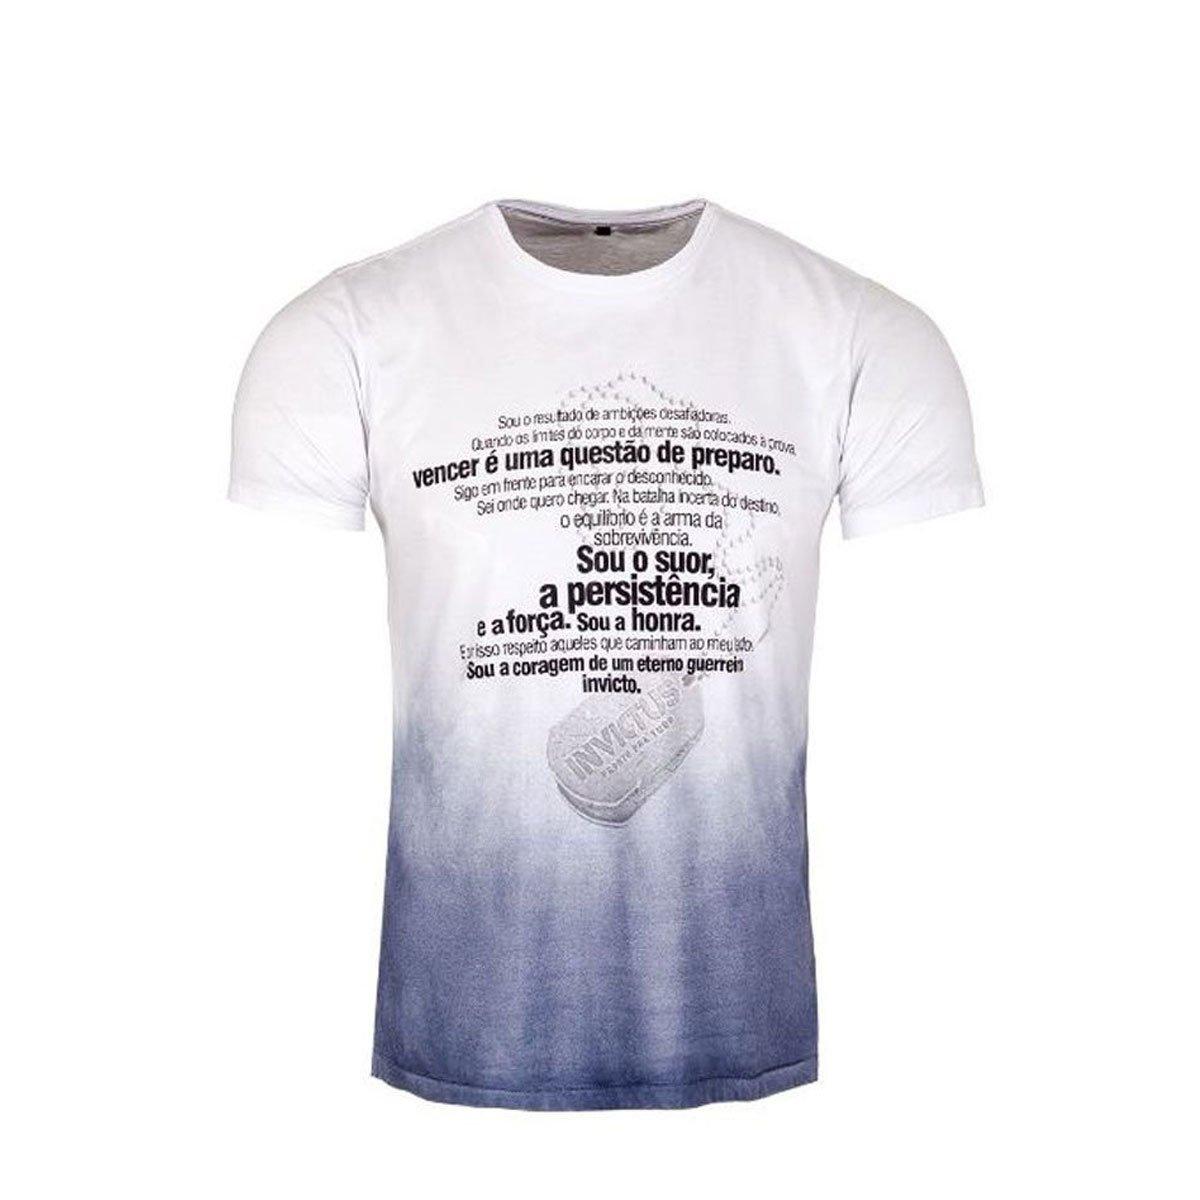 Camiseta T-Shirt Invictus Concept Manifesto